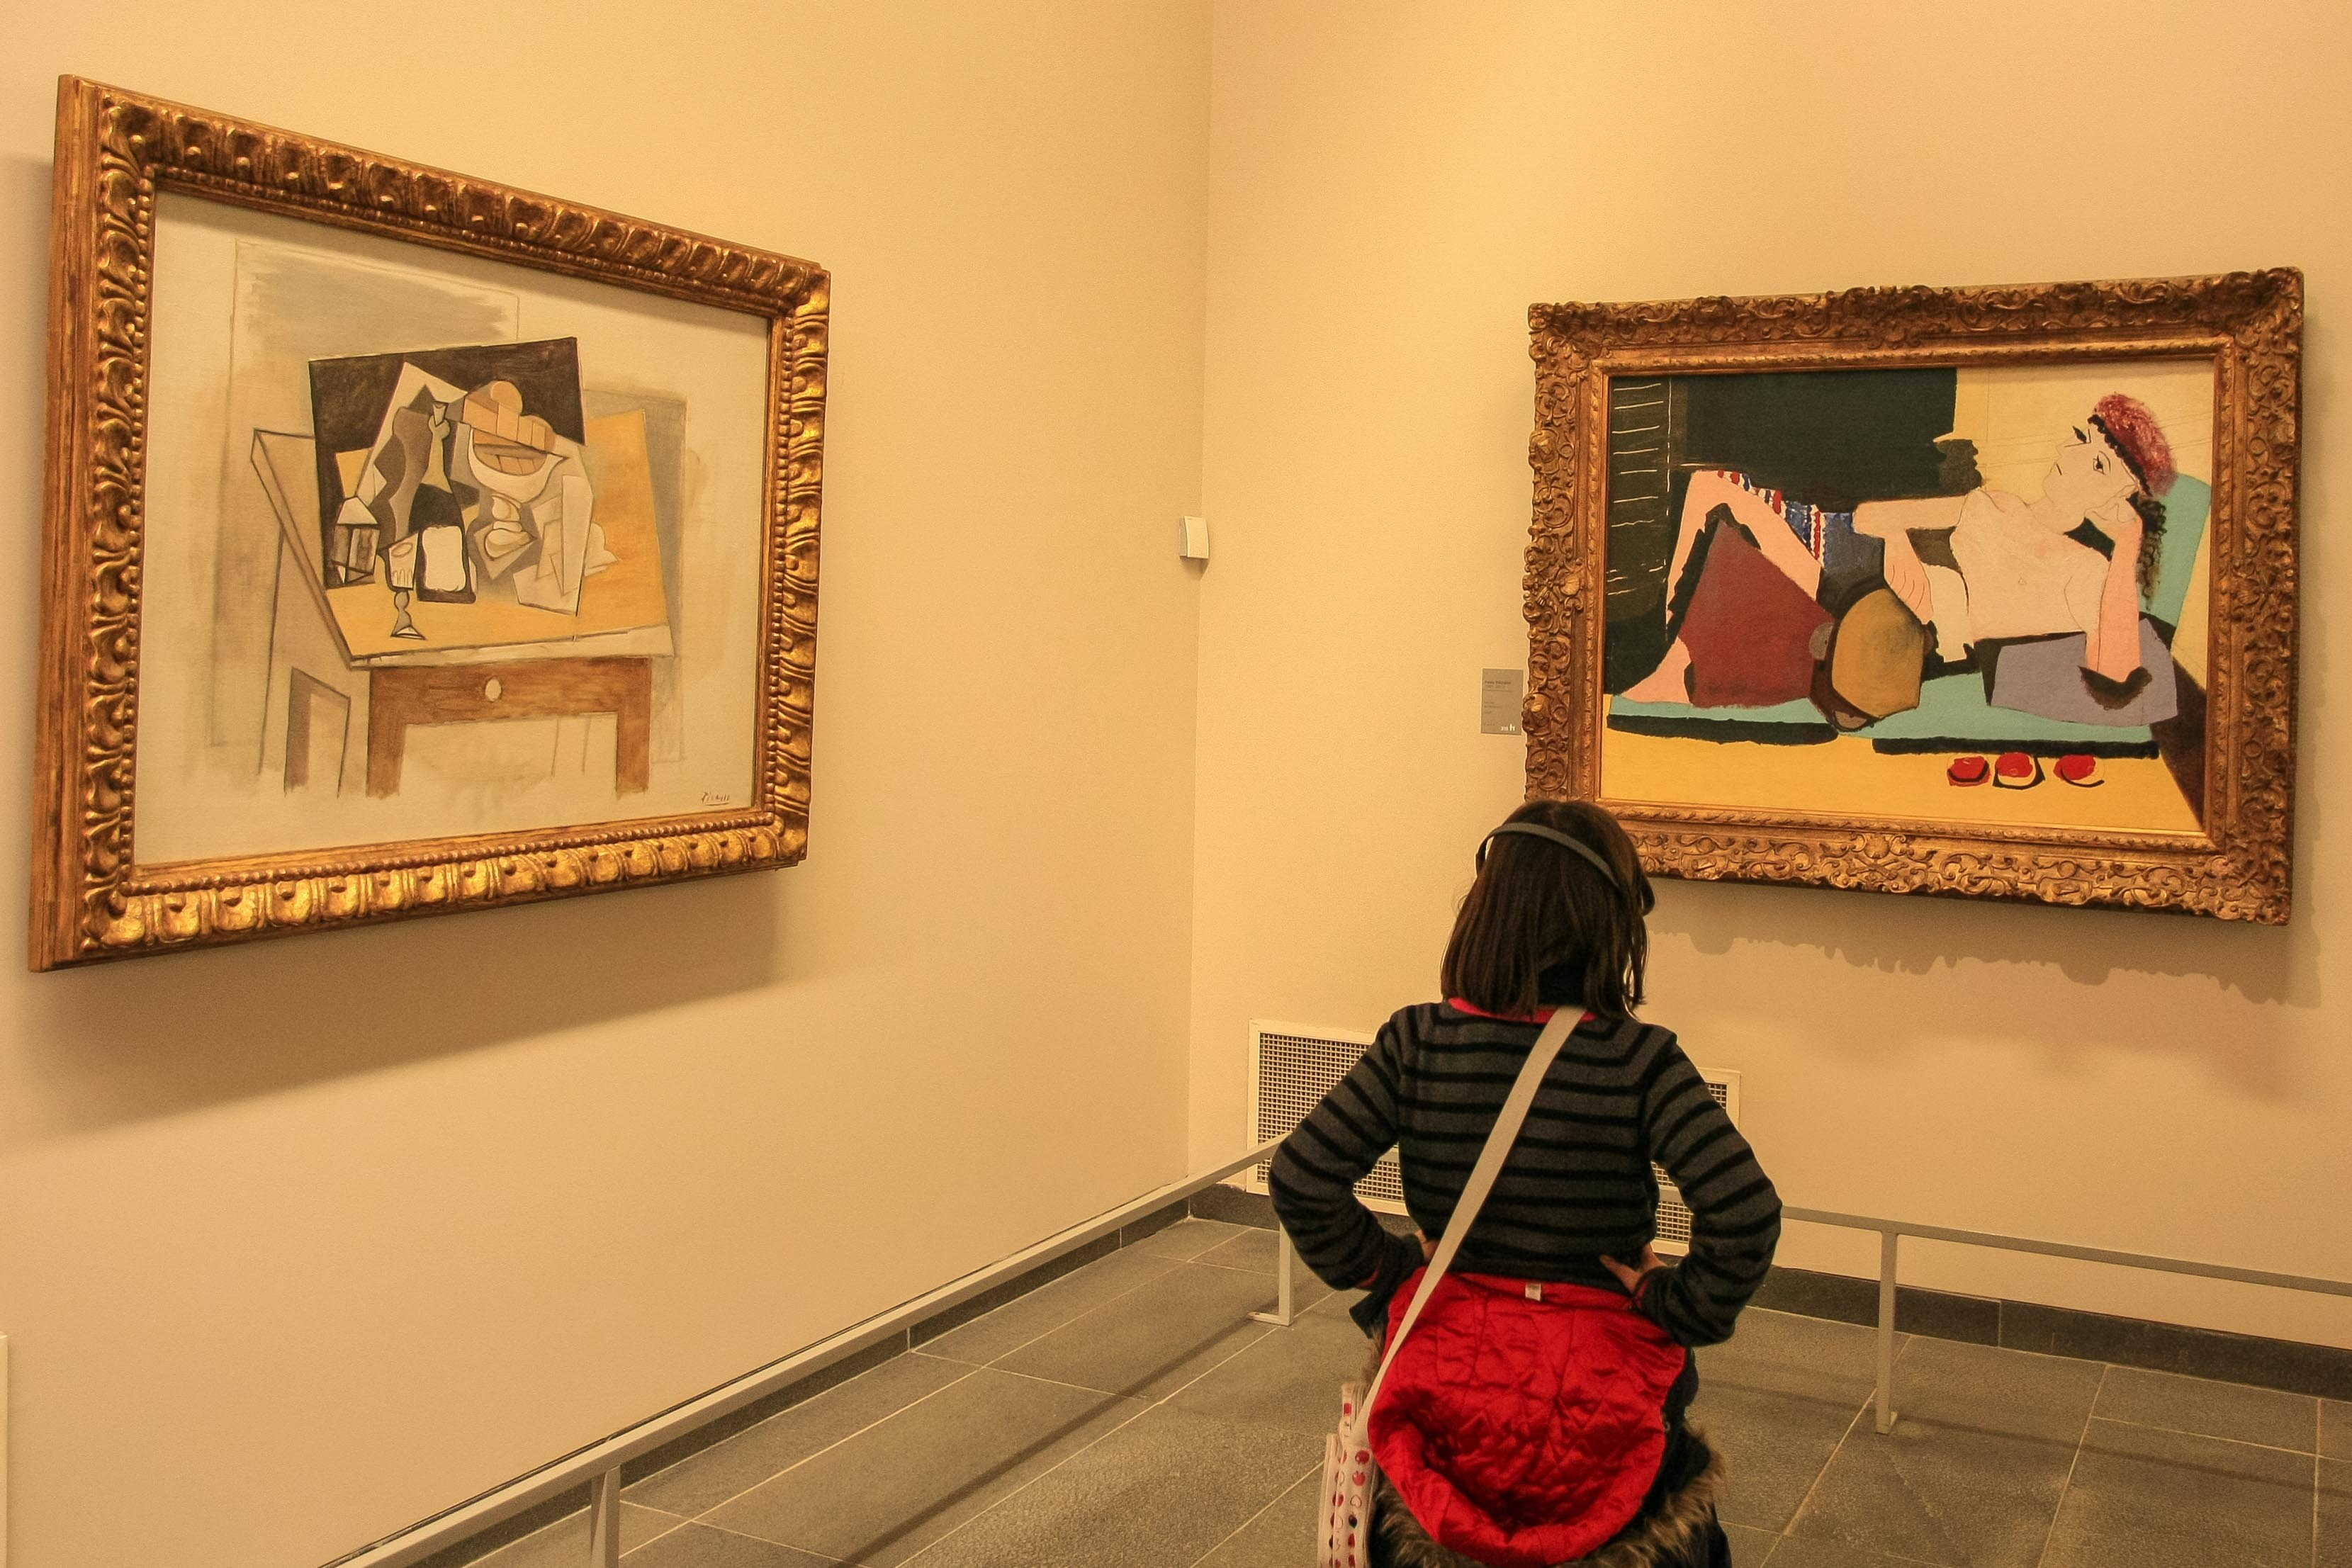 【フランス旅行】パリ オランジュリー美術館 ピカソの作風